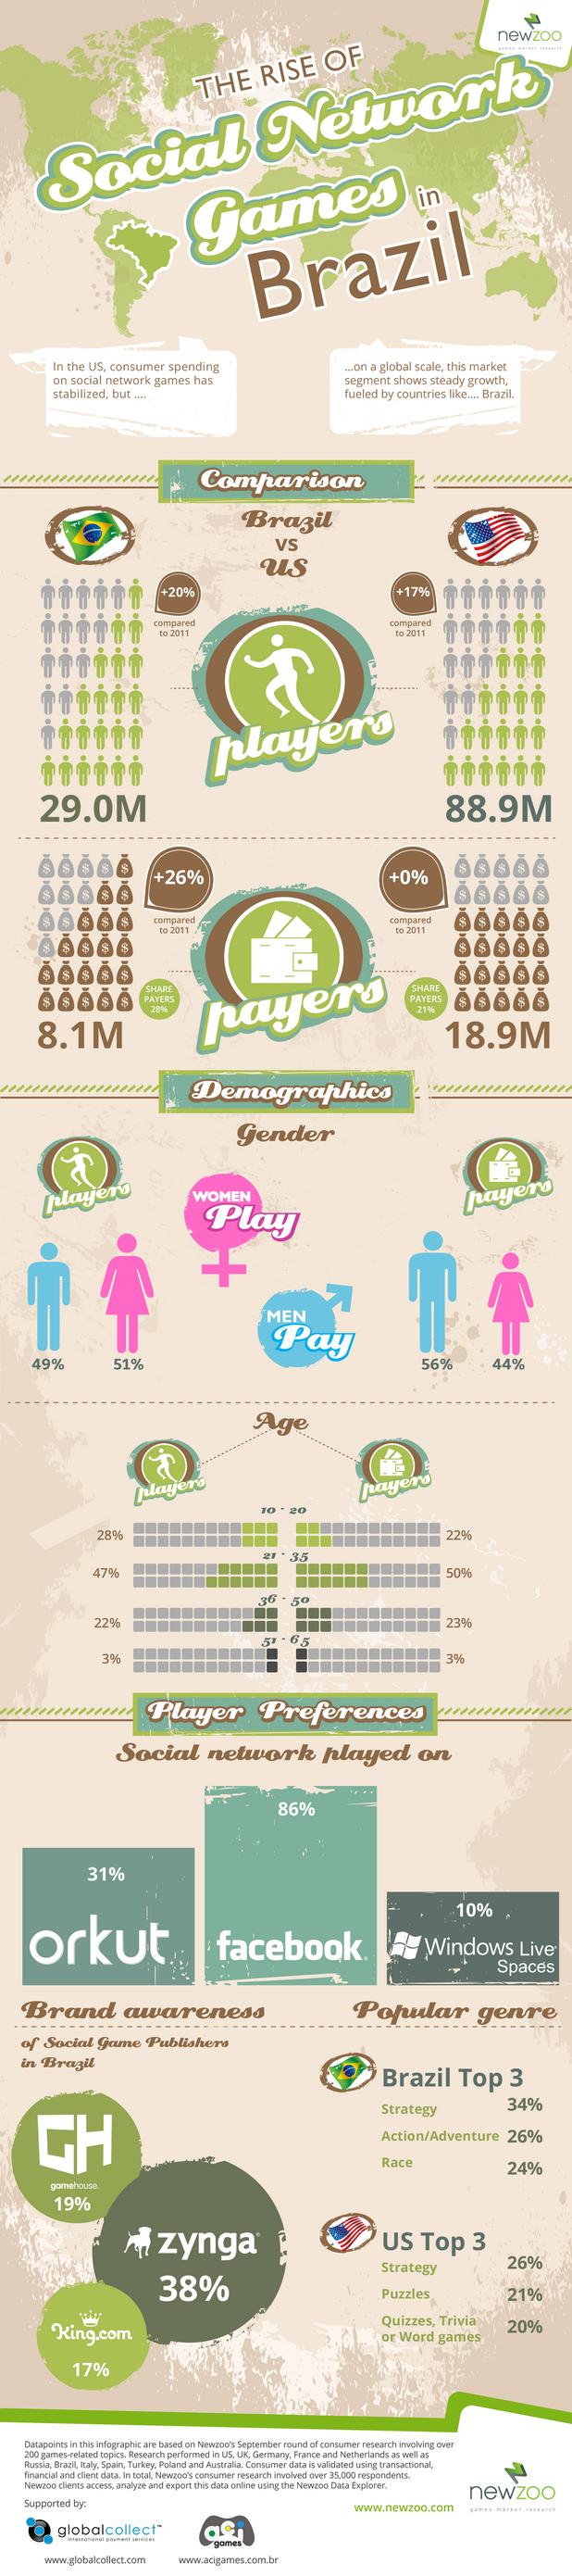 7. Social Network Gaming in Brazil